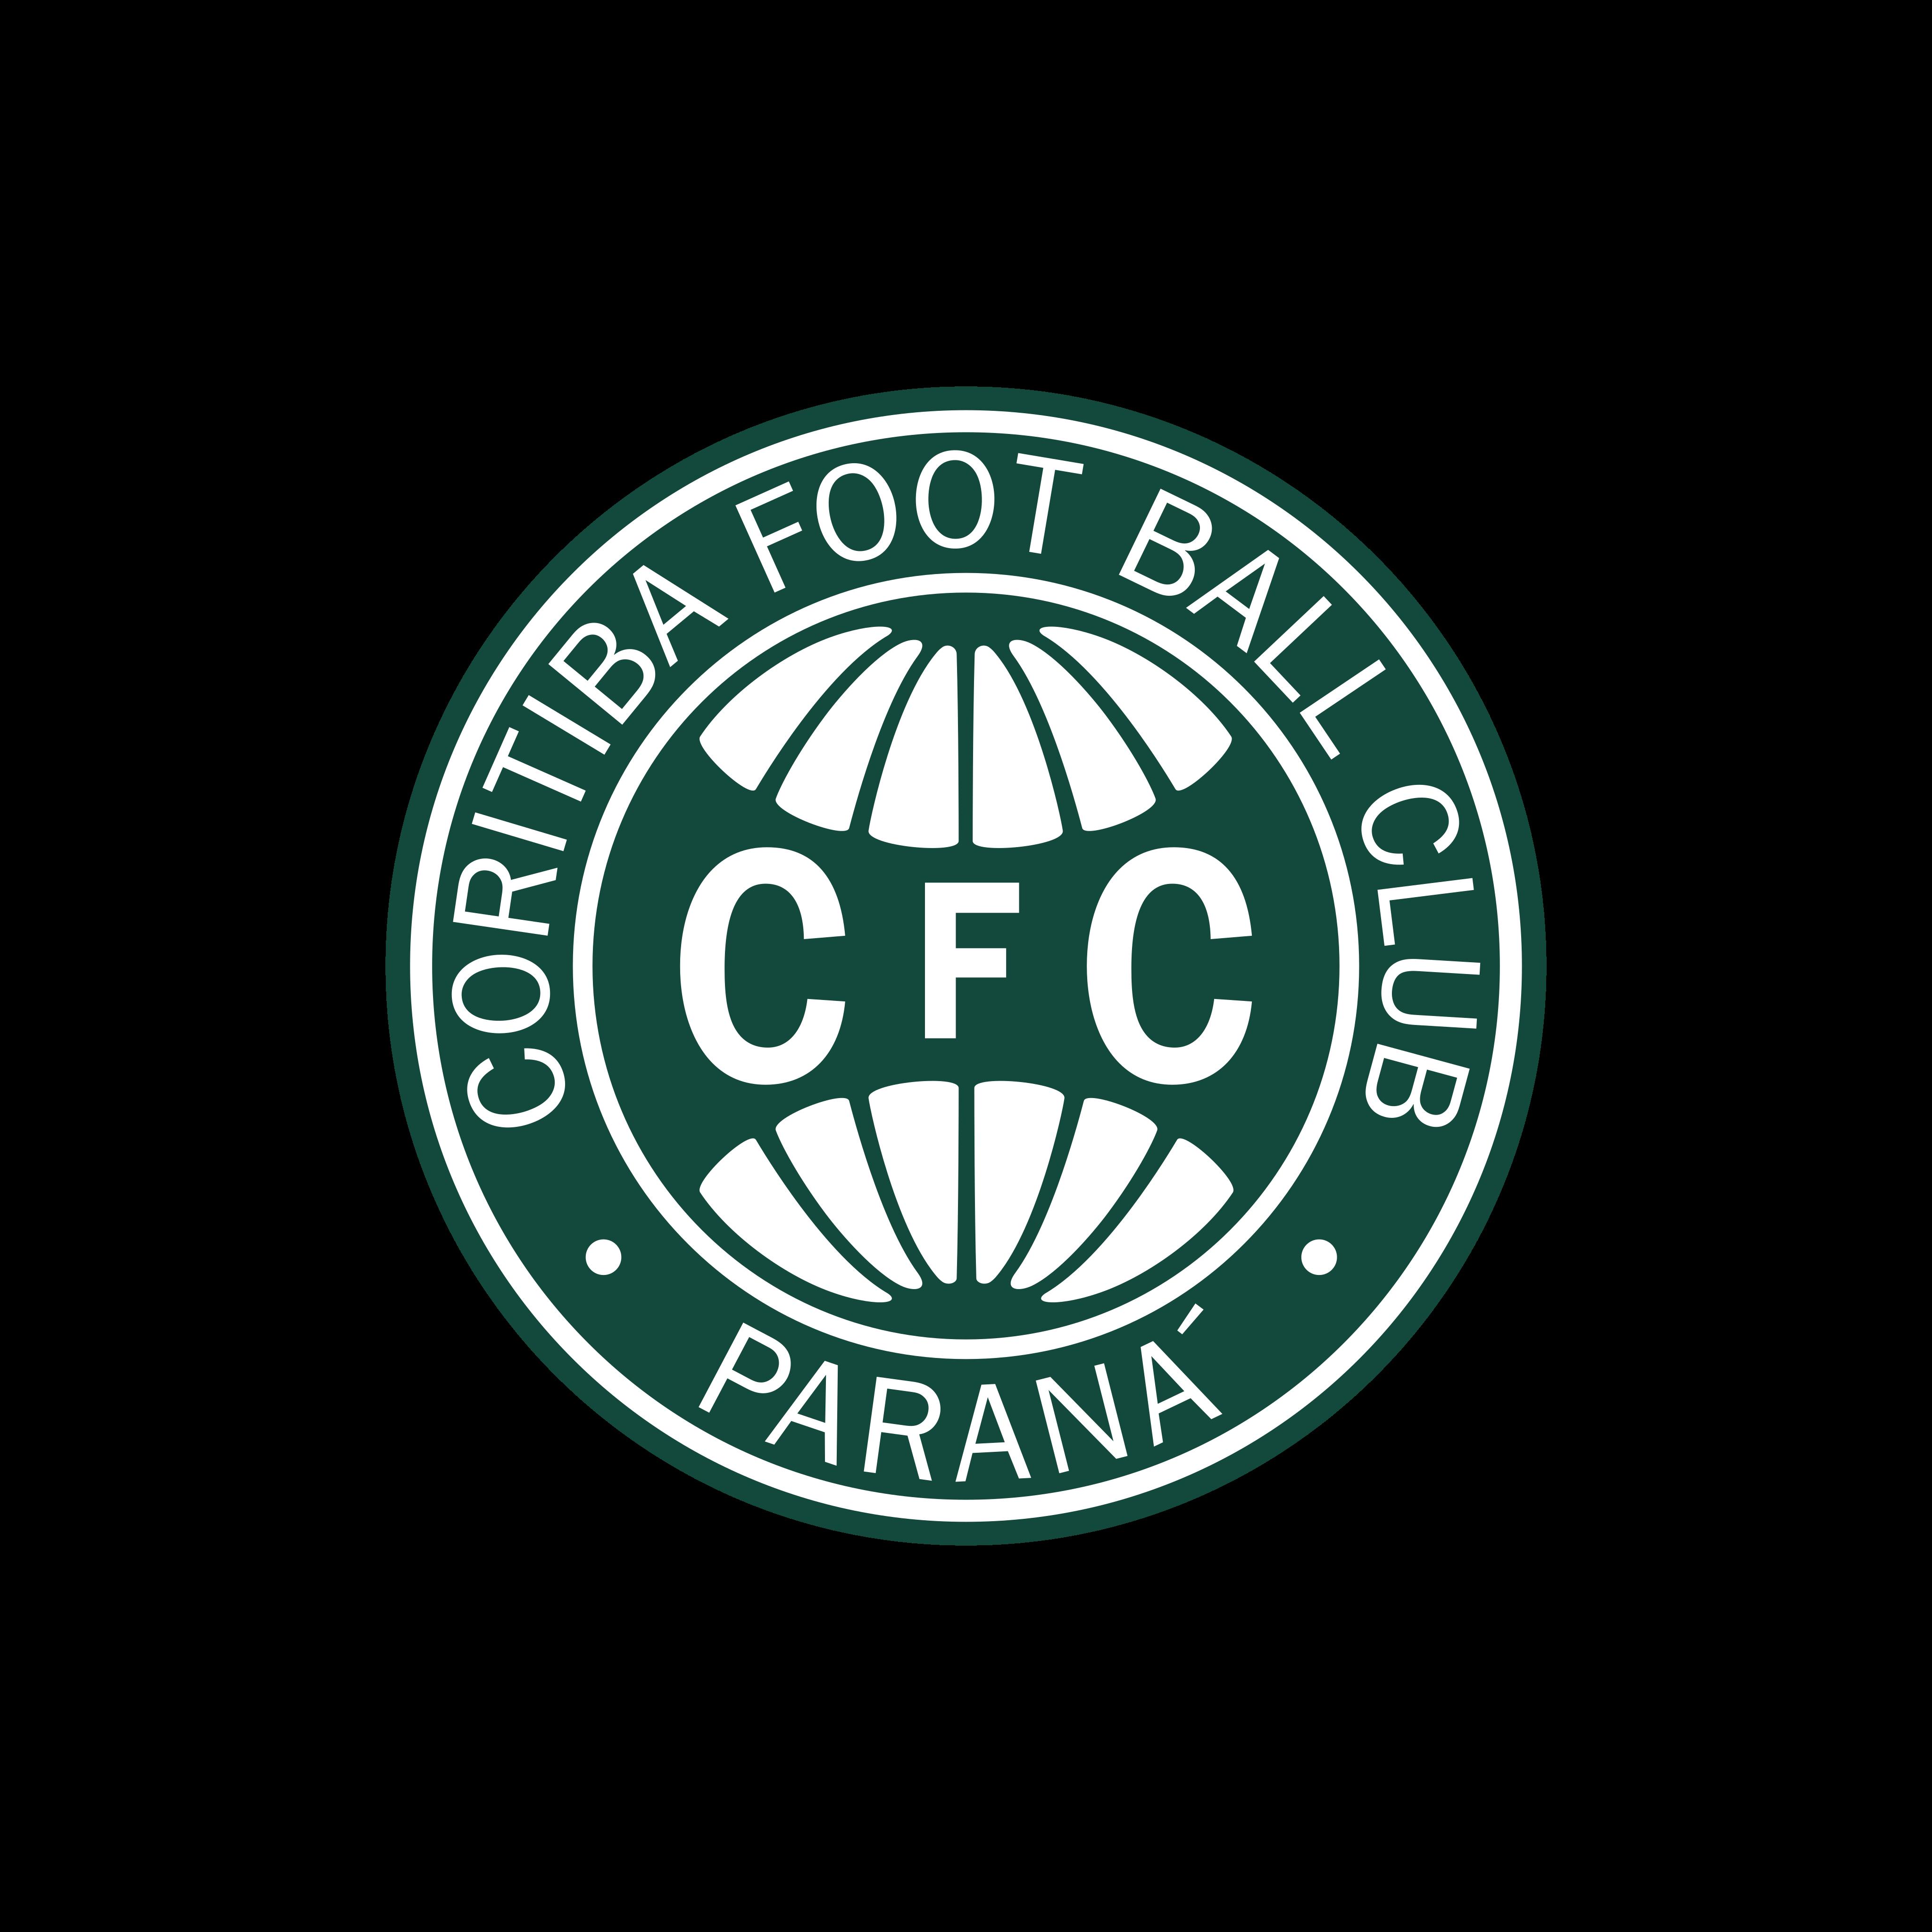 coritiba logo 0 - Coritiba FC Logo